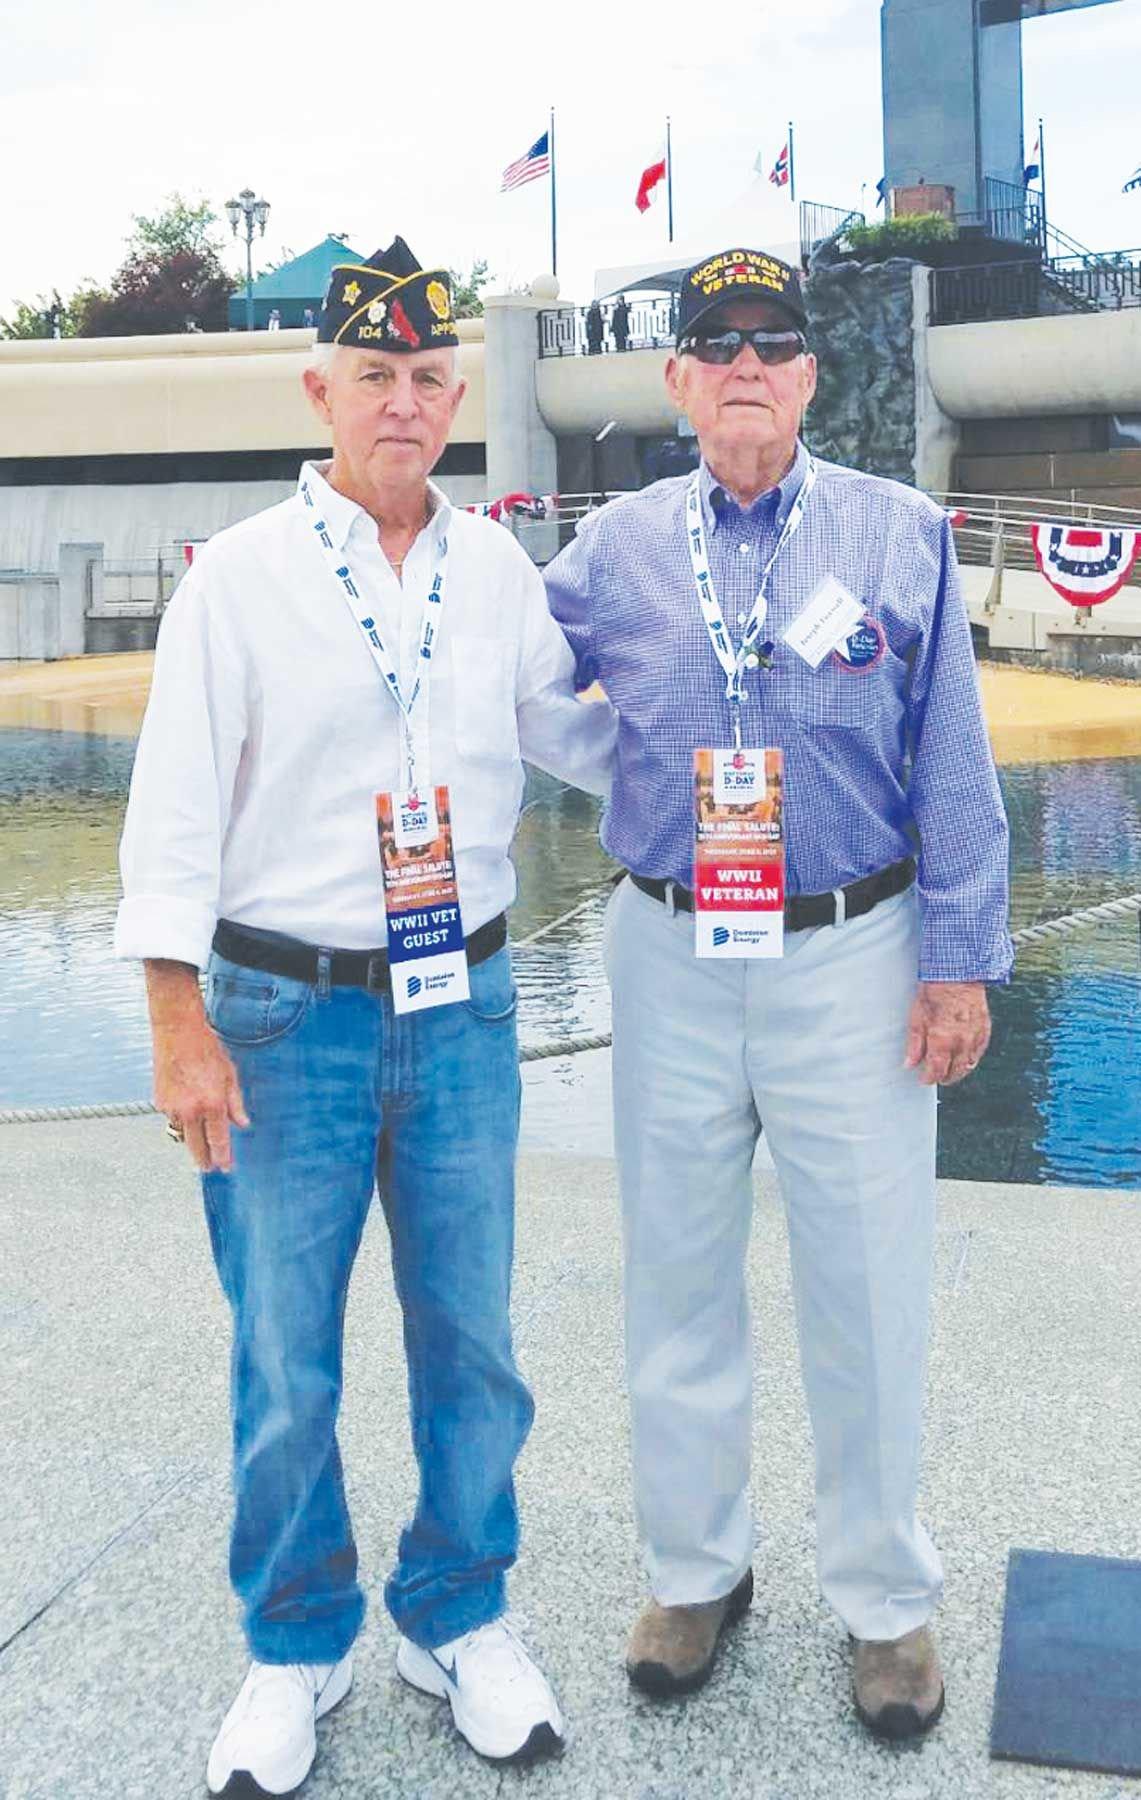 Bill Burke and Joe Foxwell